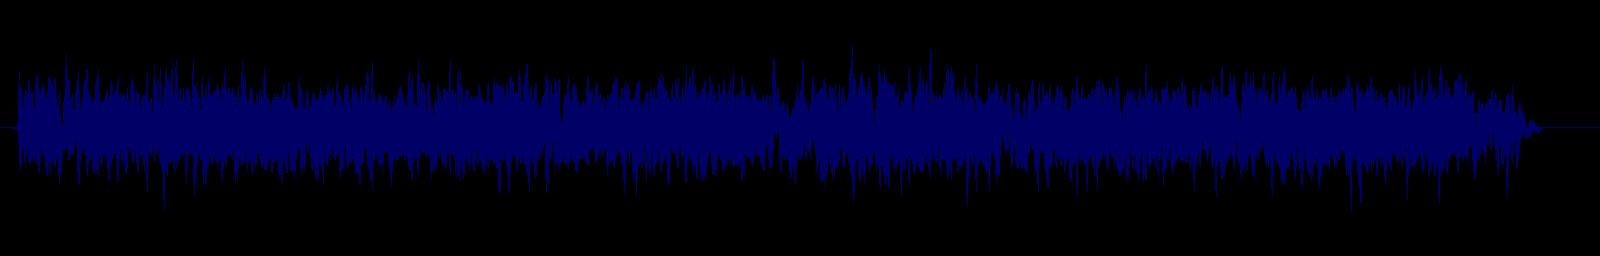 waveform of track #144291